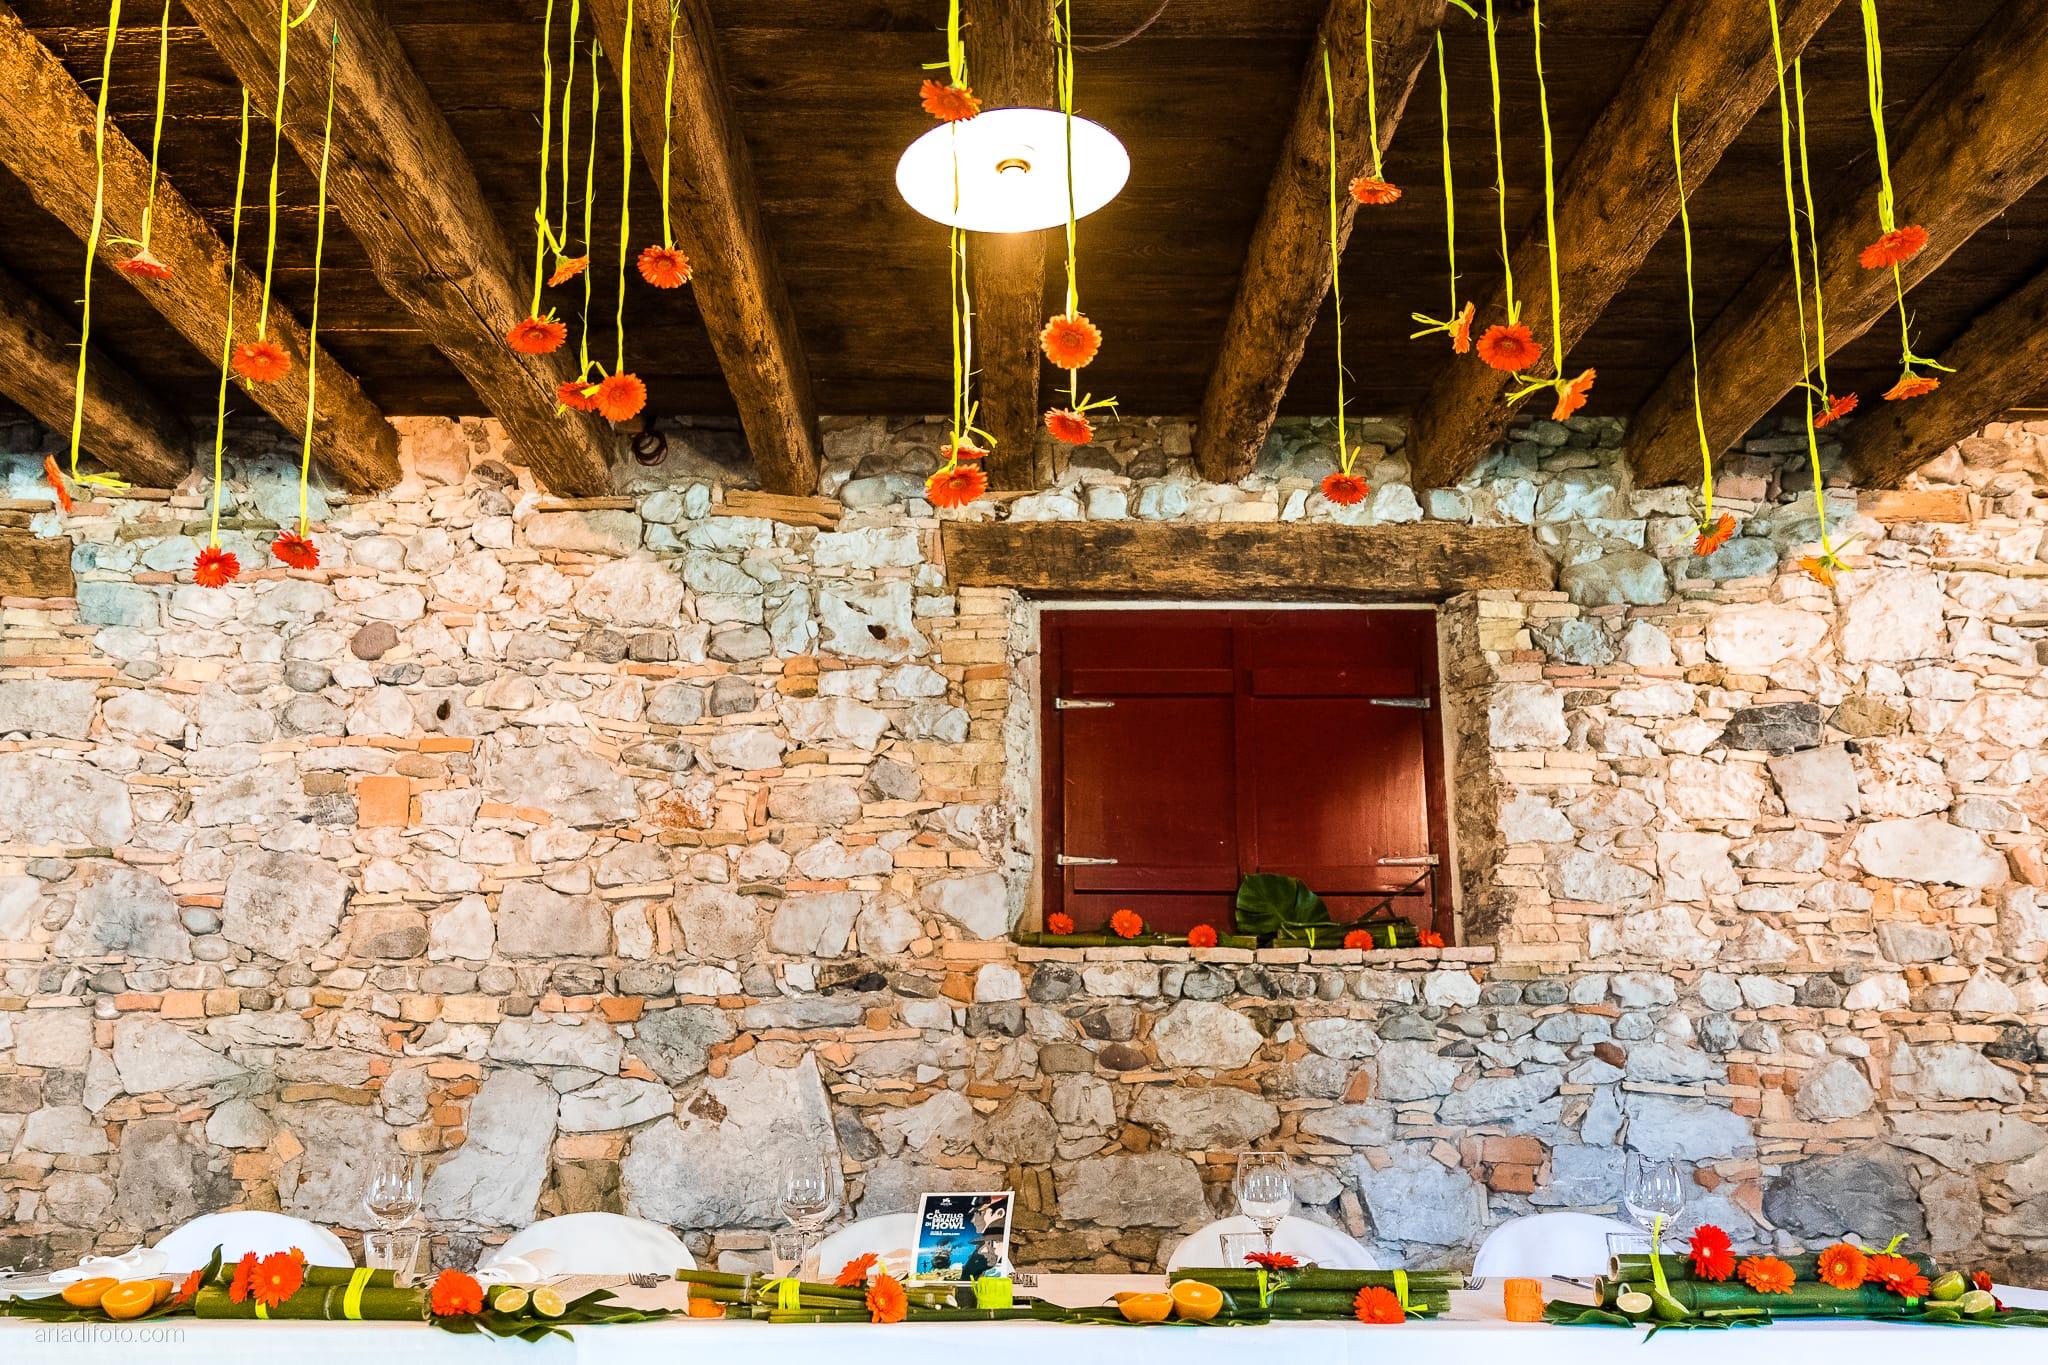 Teresa Andrea Matrimonio Grado Villa Iachia Ruda Udine ricevimento dettagli sala tavola decorazioni allestimenti